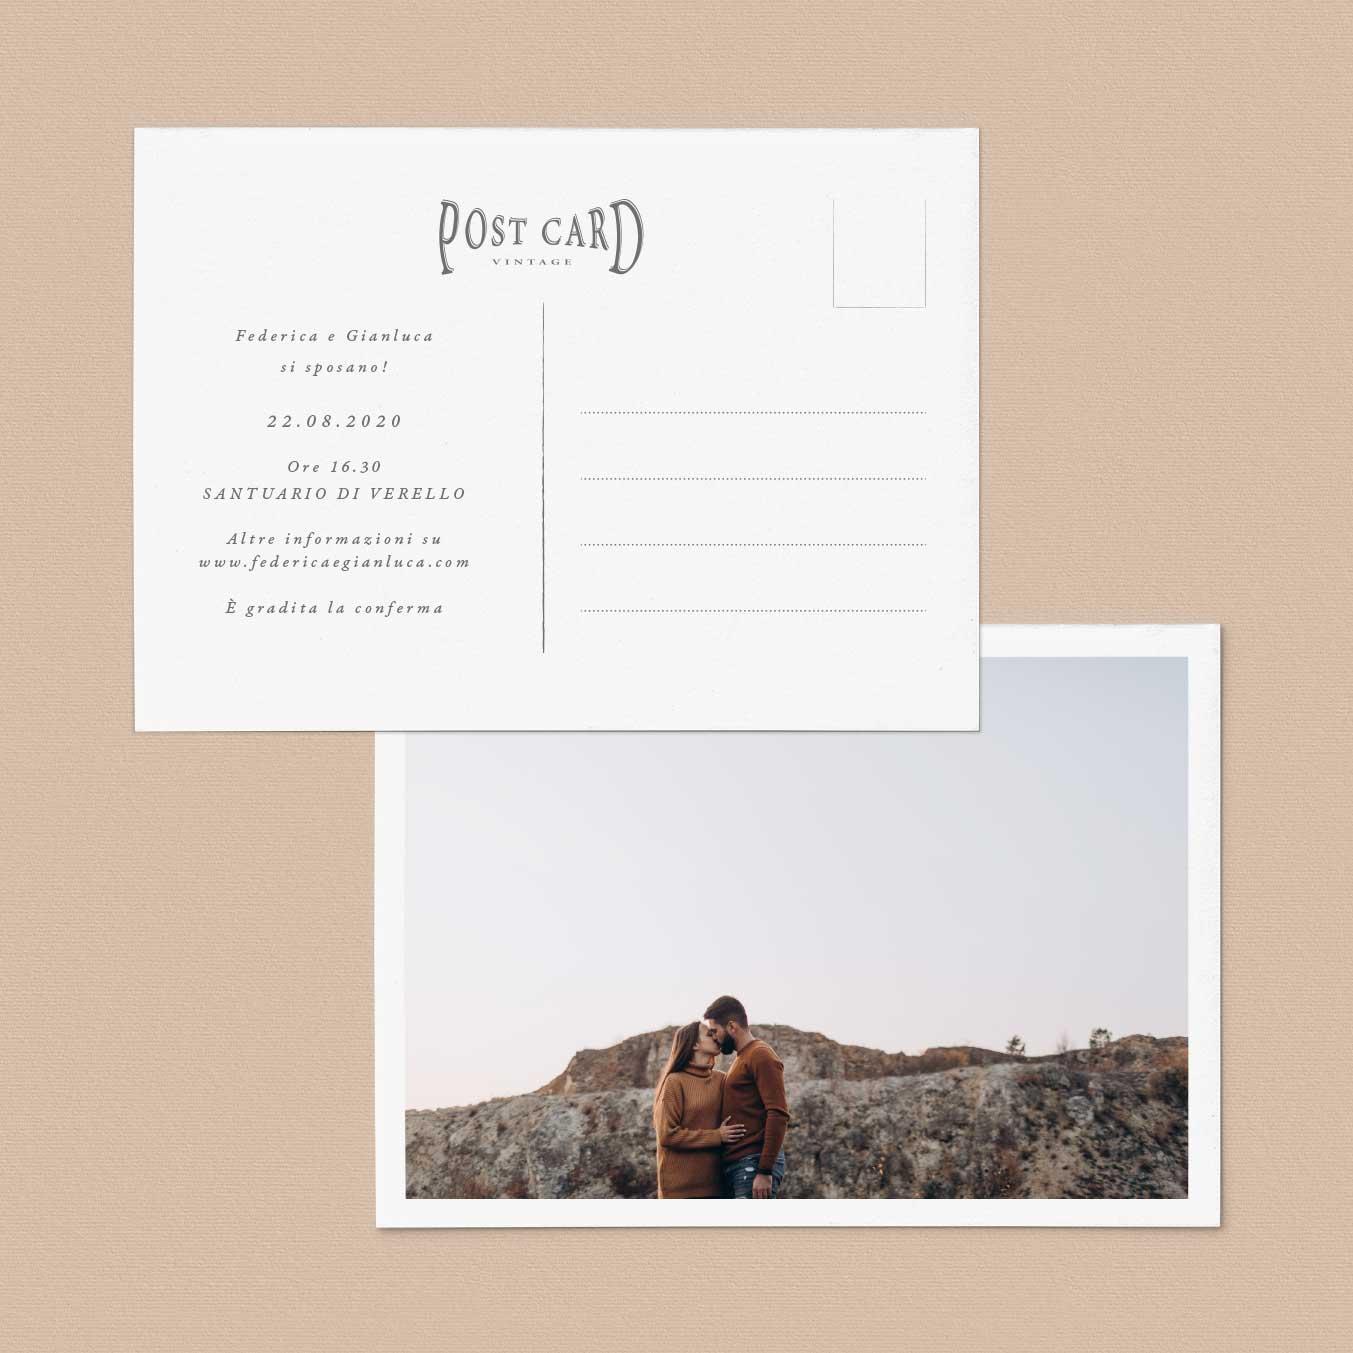 Inviti-partecipazioni-matrimonio-nozze-wedding-invitation-cartolina-postcard-vintage-particolare-montagna-tema-mountain-originale-idee-francobollo-stampa-modelli